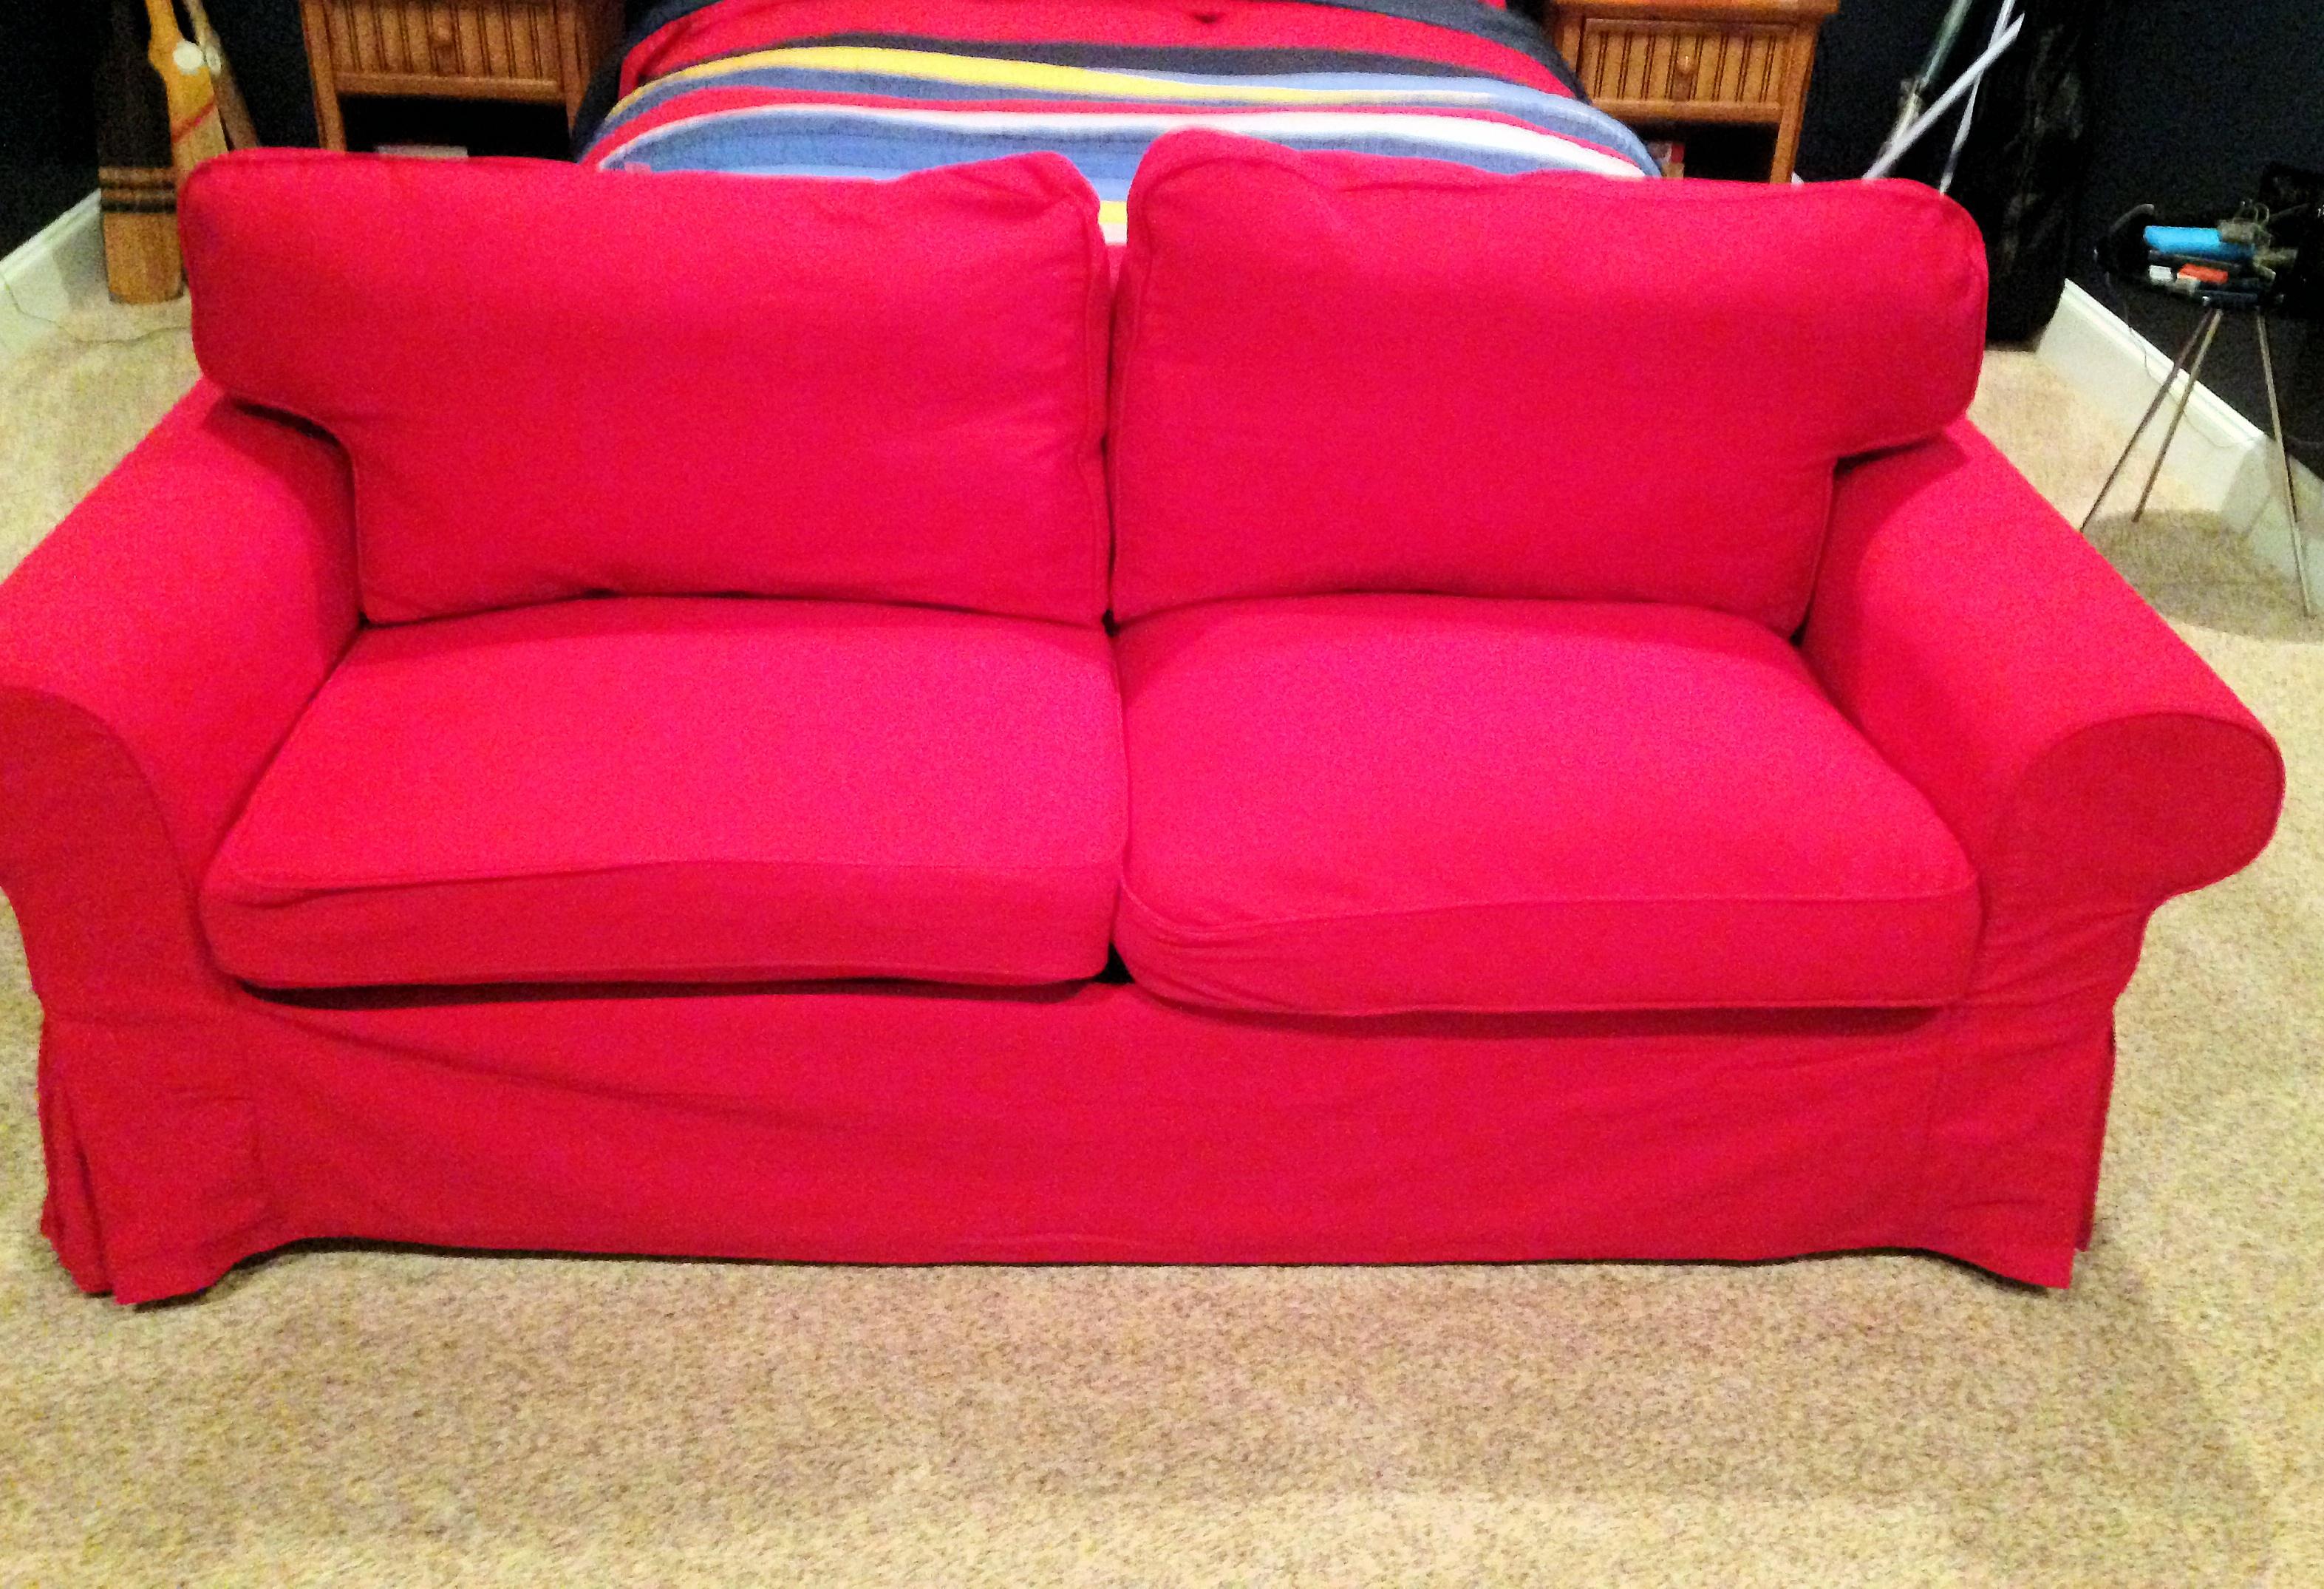 ikea ektorp sofa bezug affordable svanby beige ikea sofa bezug couch husse ektorp er sofa mit. Black Bedroom Furniture Sets. Home Design Ideas